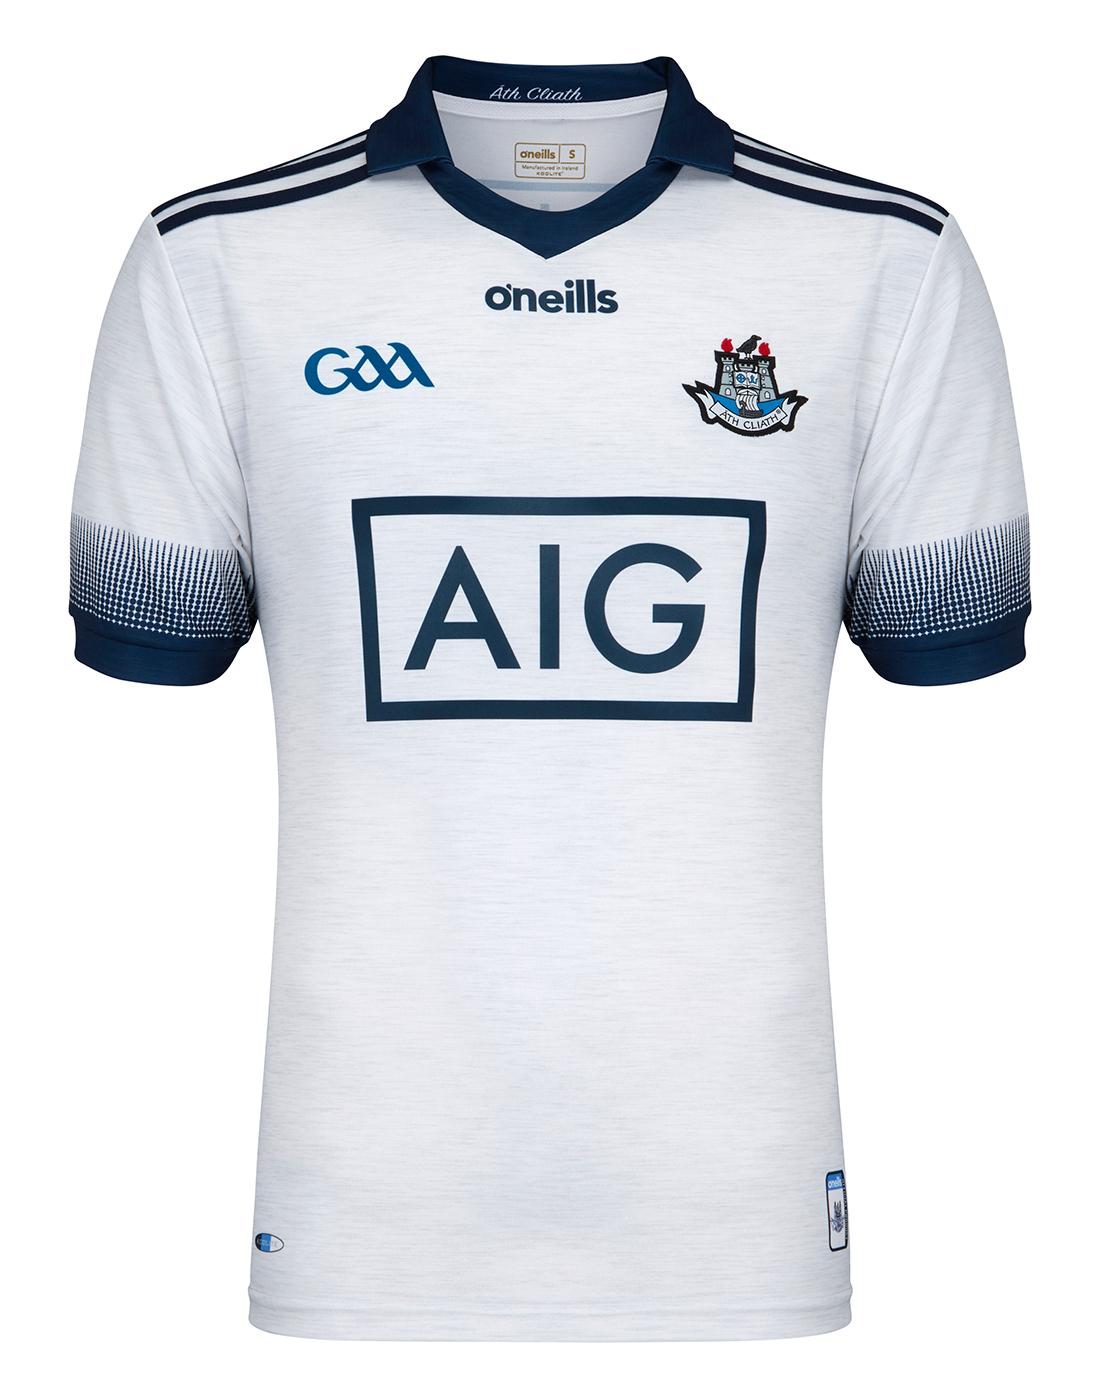 bdfd44e08fc O'Neills Adult Dublin Goalkeeper Jersey 2019 | Life Style Sports